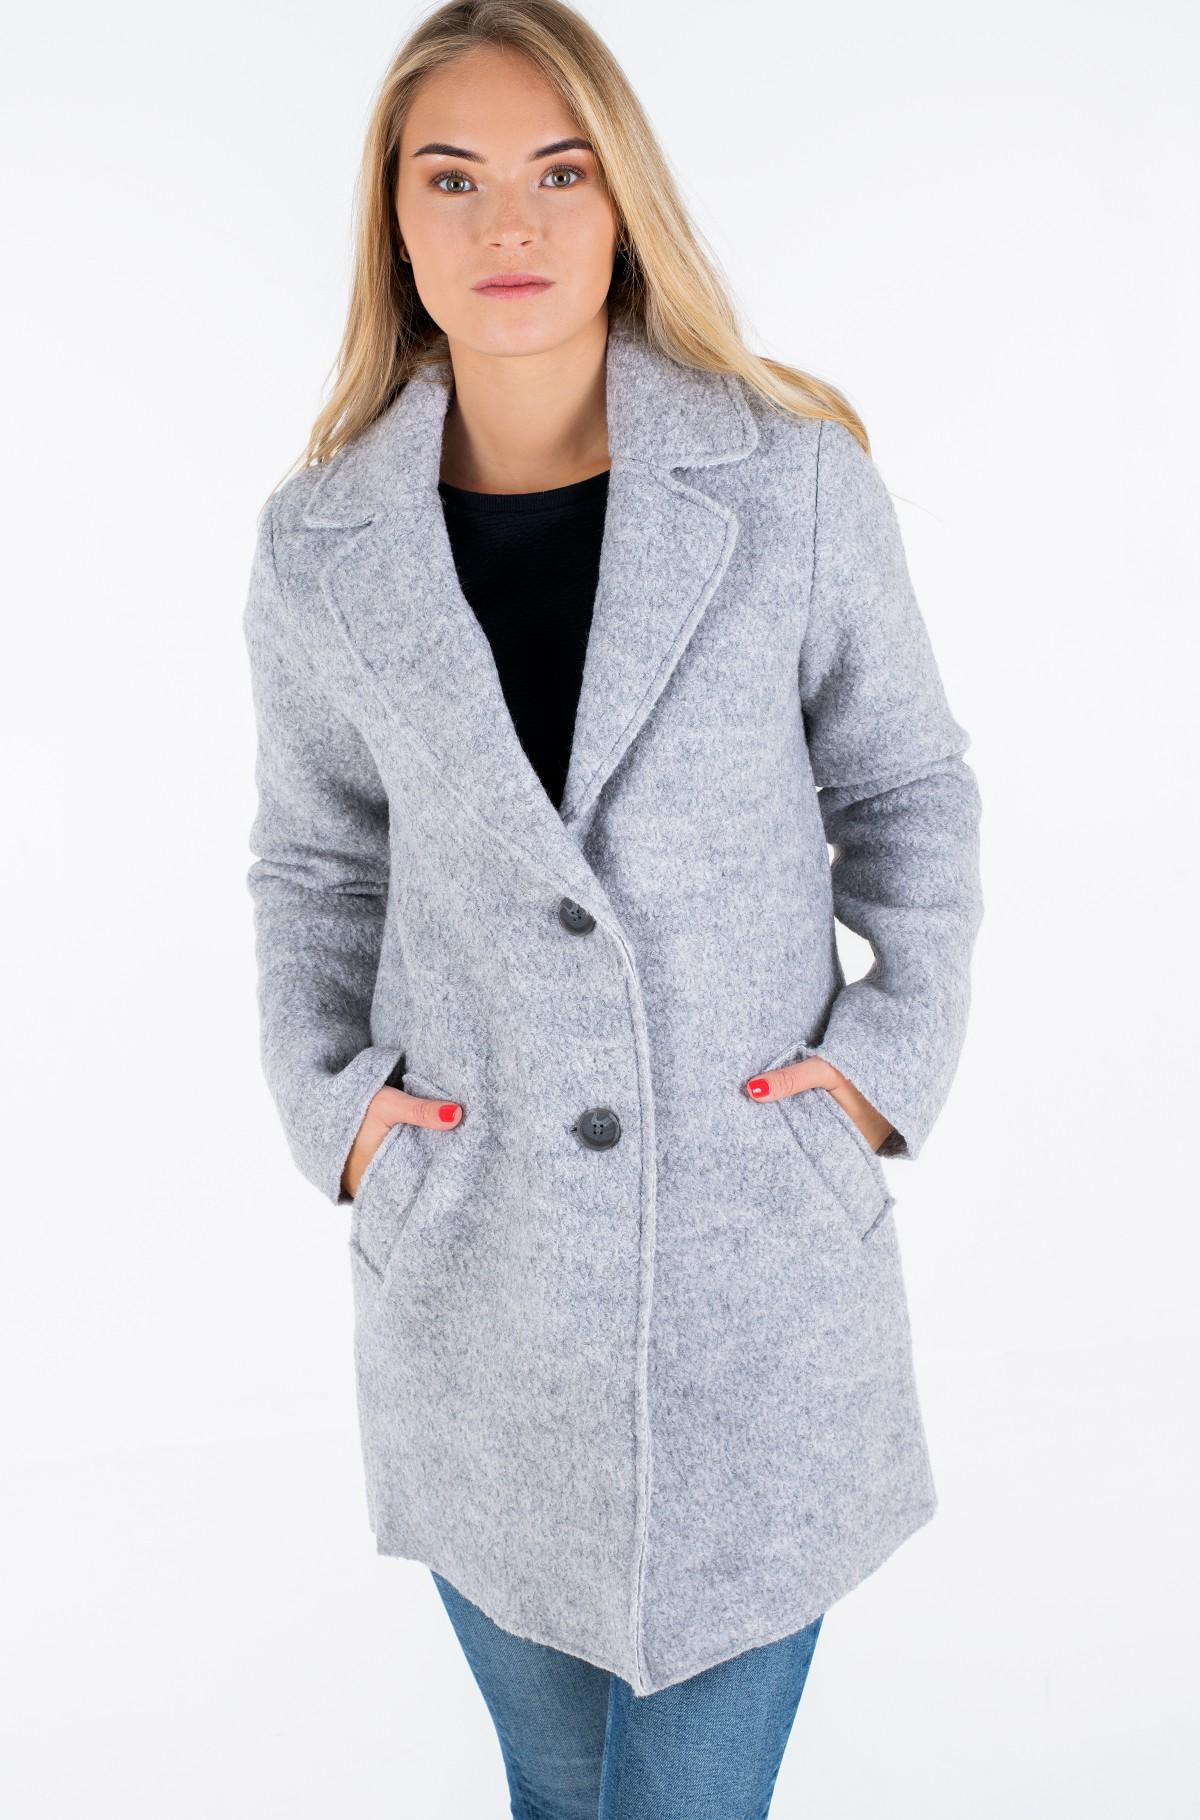 Pea coat 1020592-full-1